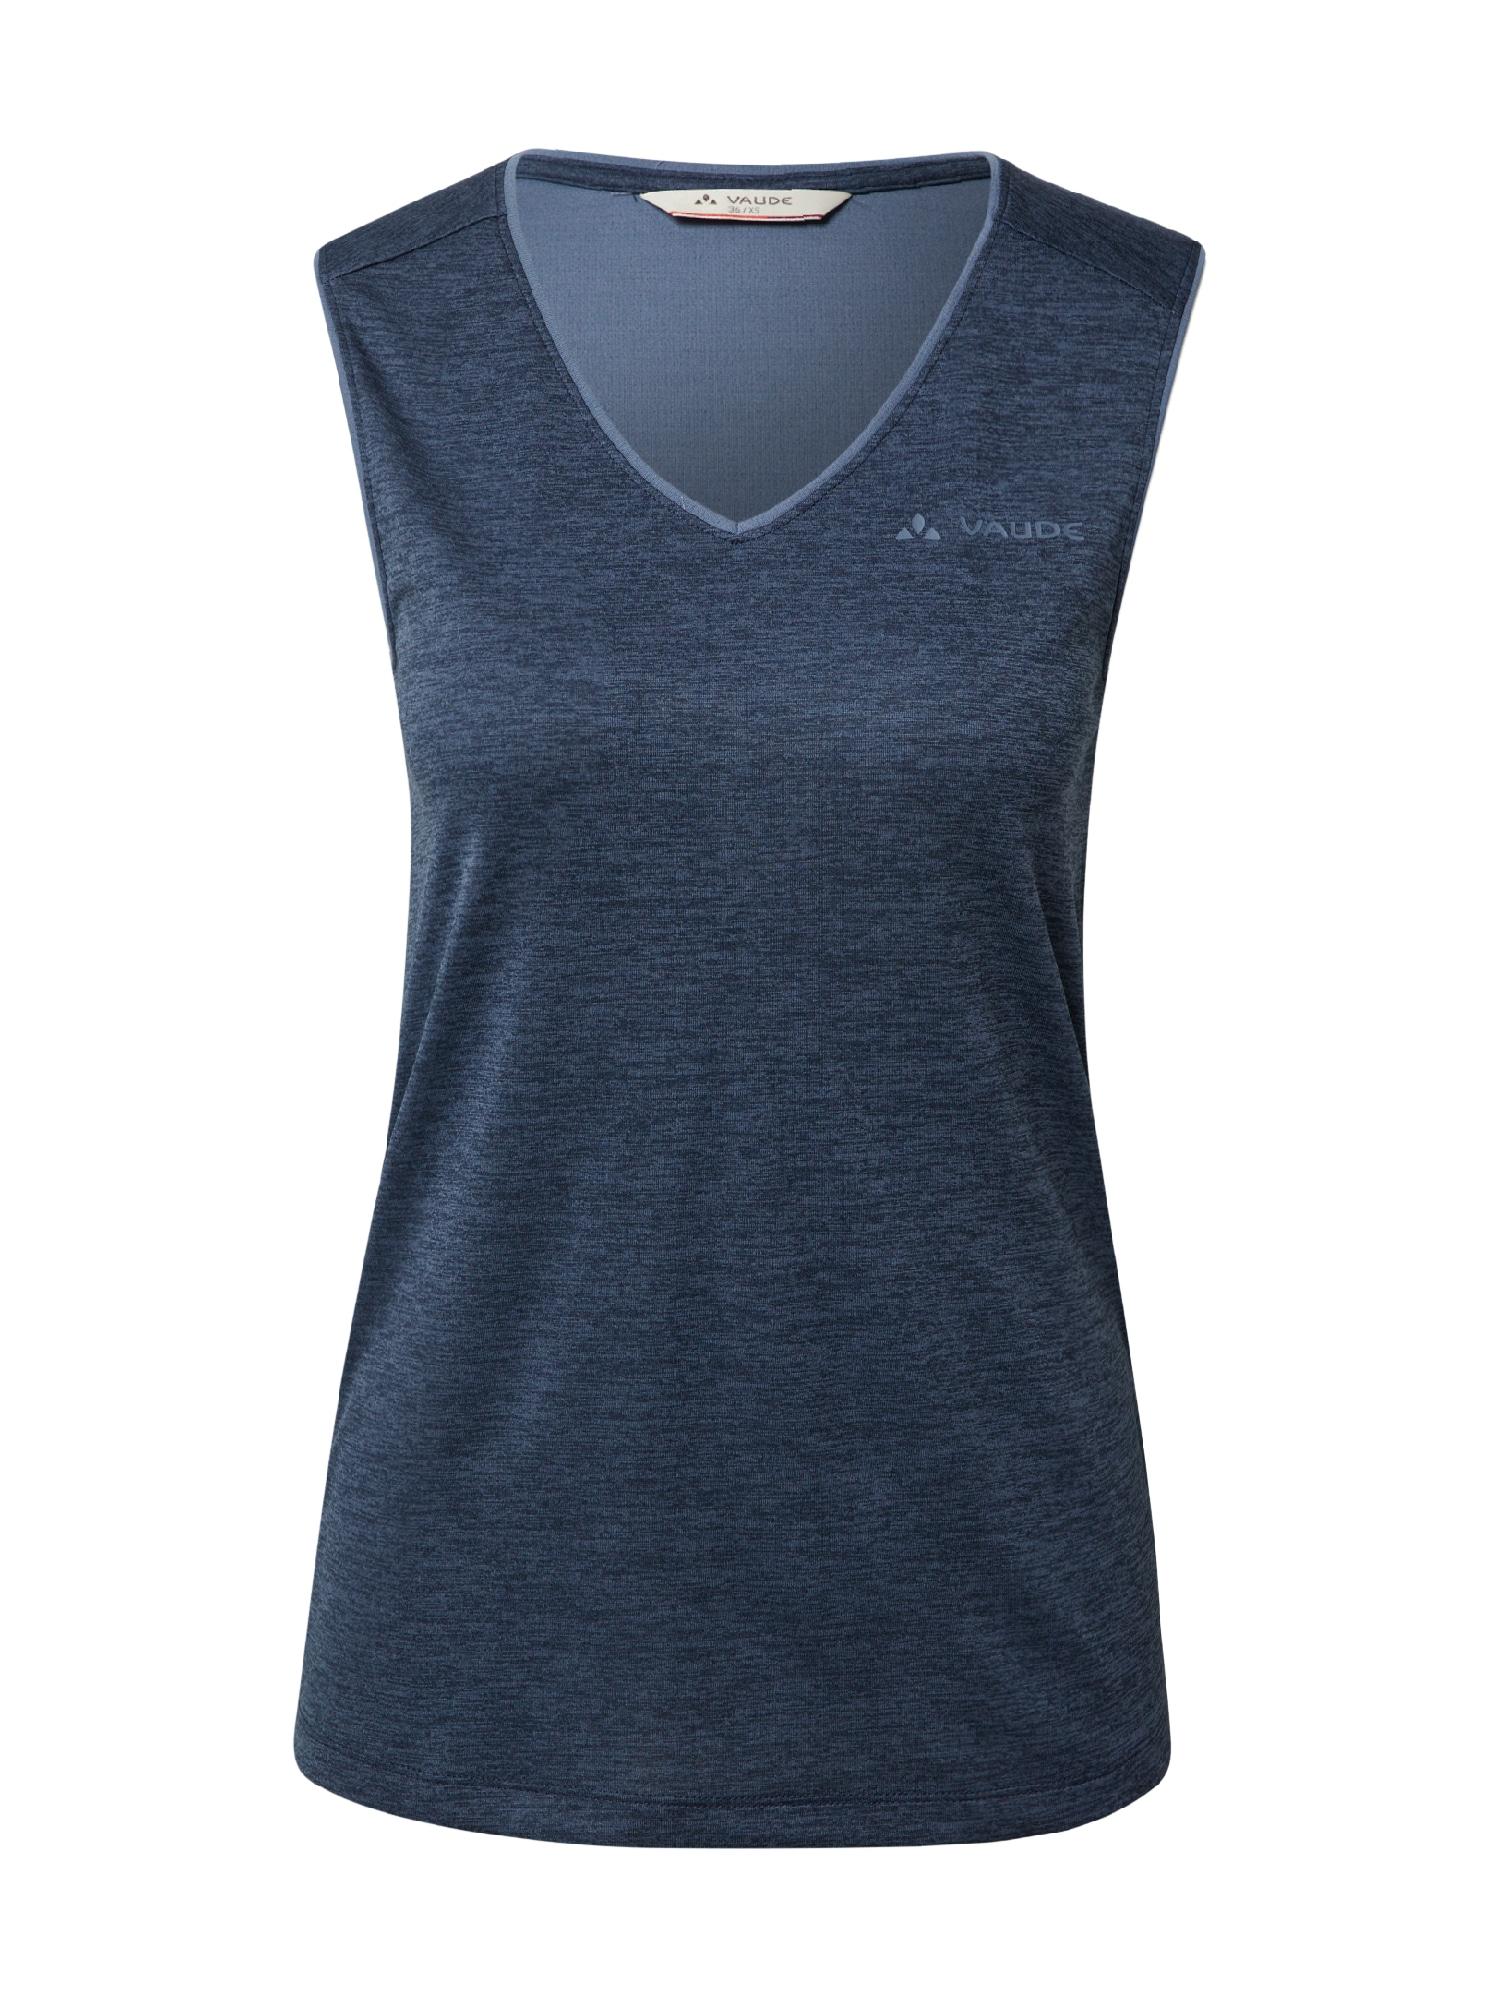 VAUDE Sportiniai marškinėliai be rankovių tamsiai mėlyna jūros spalva